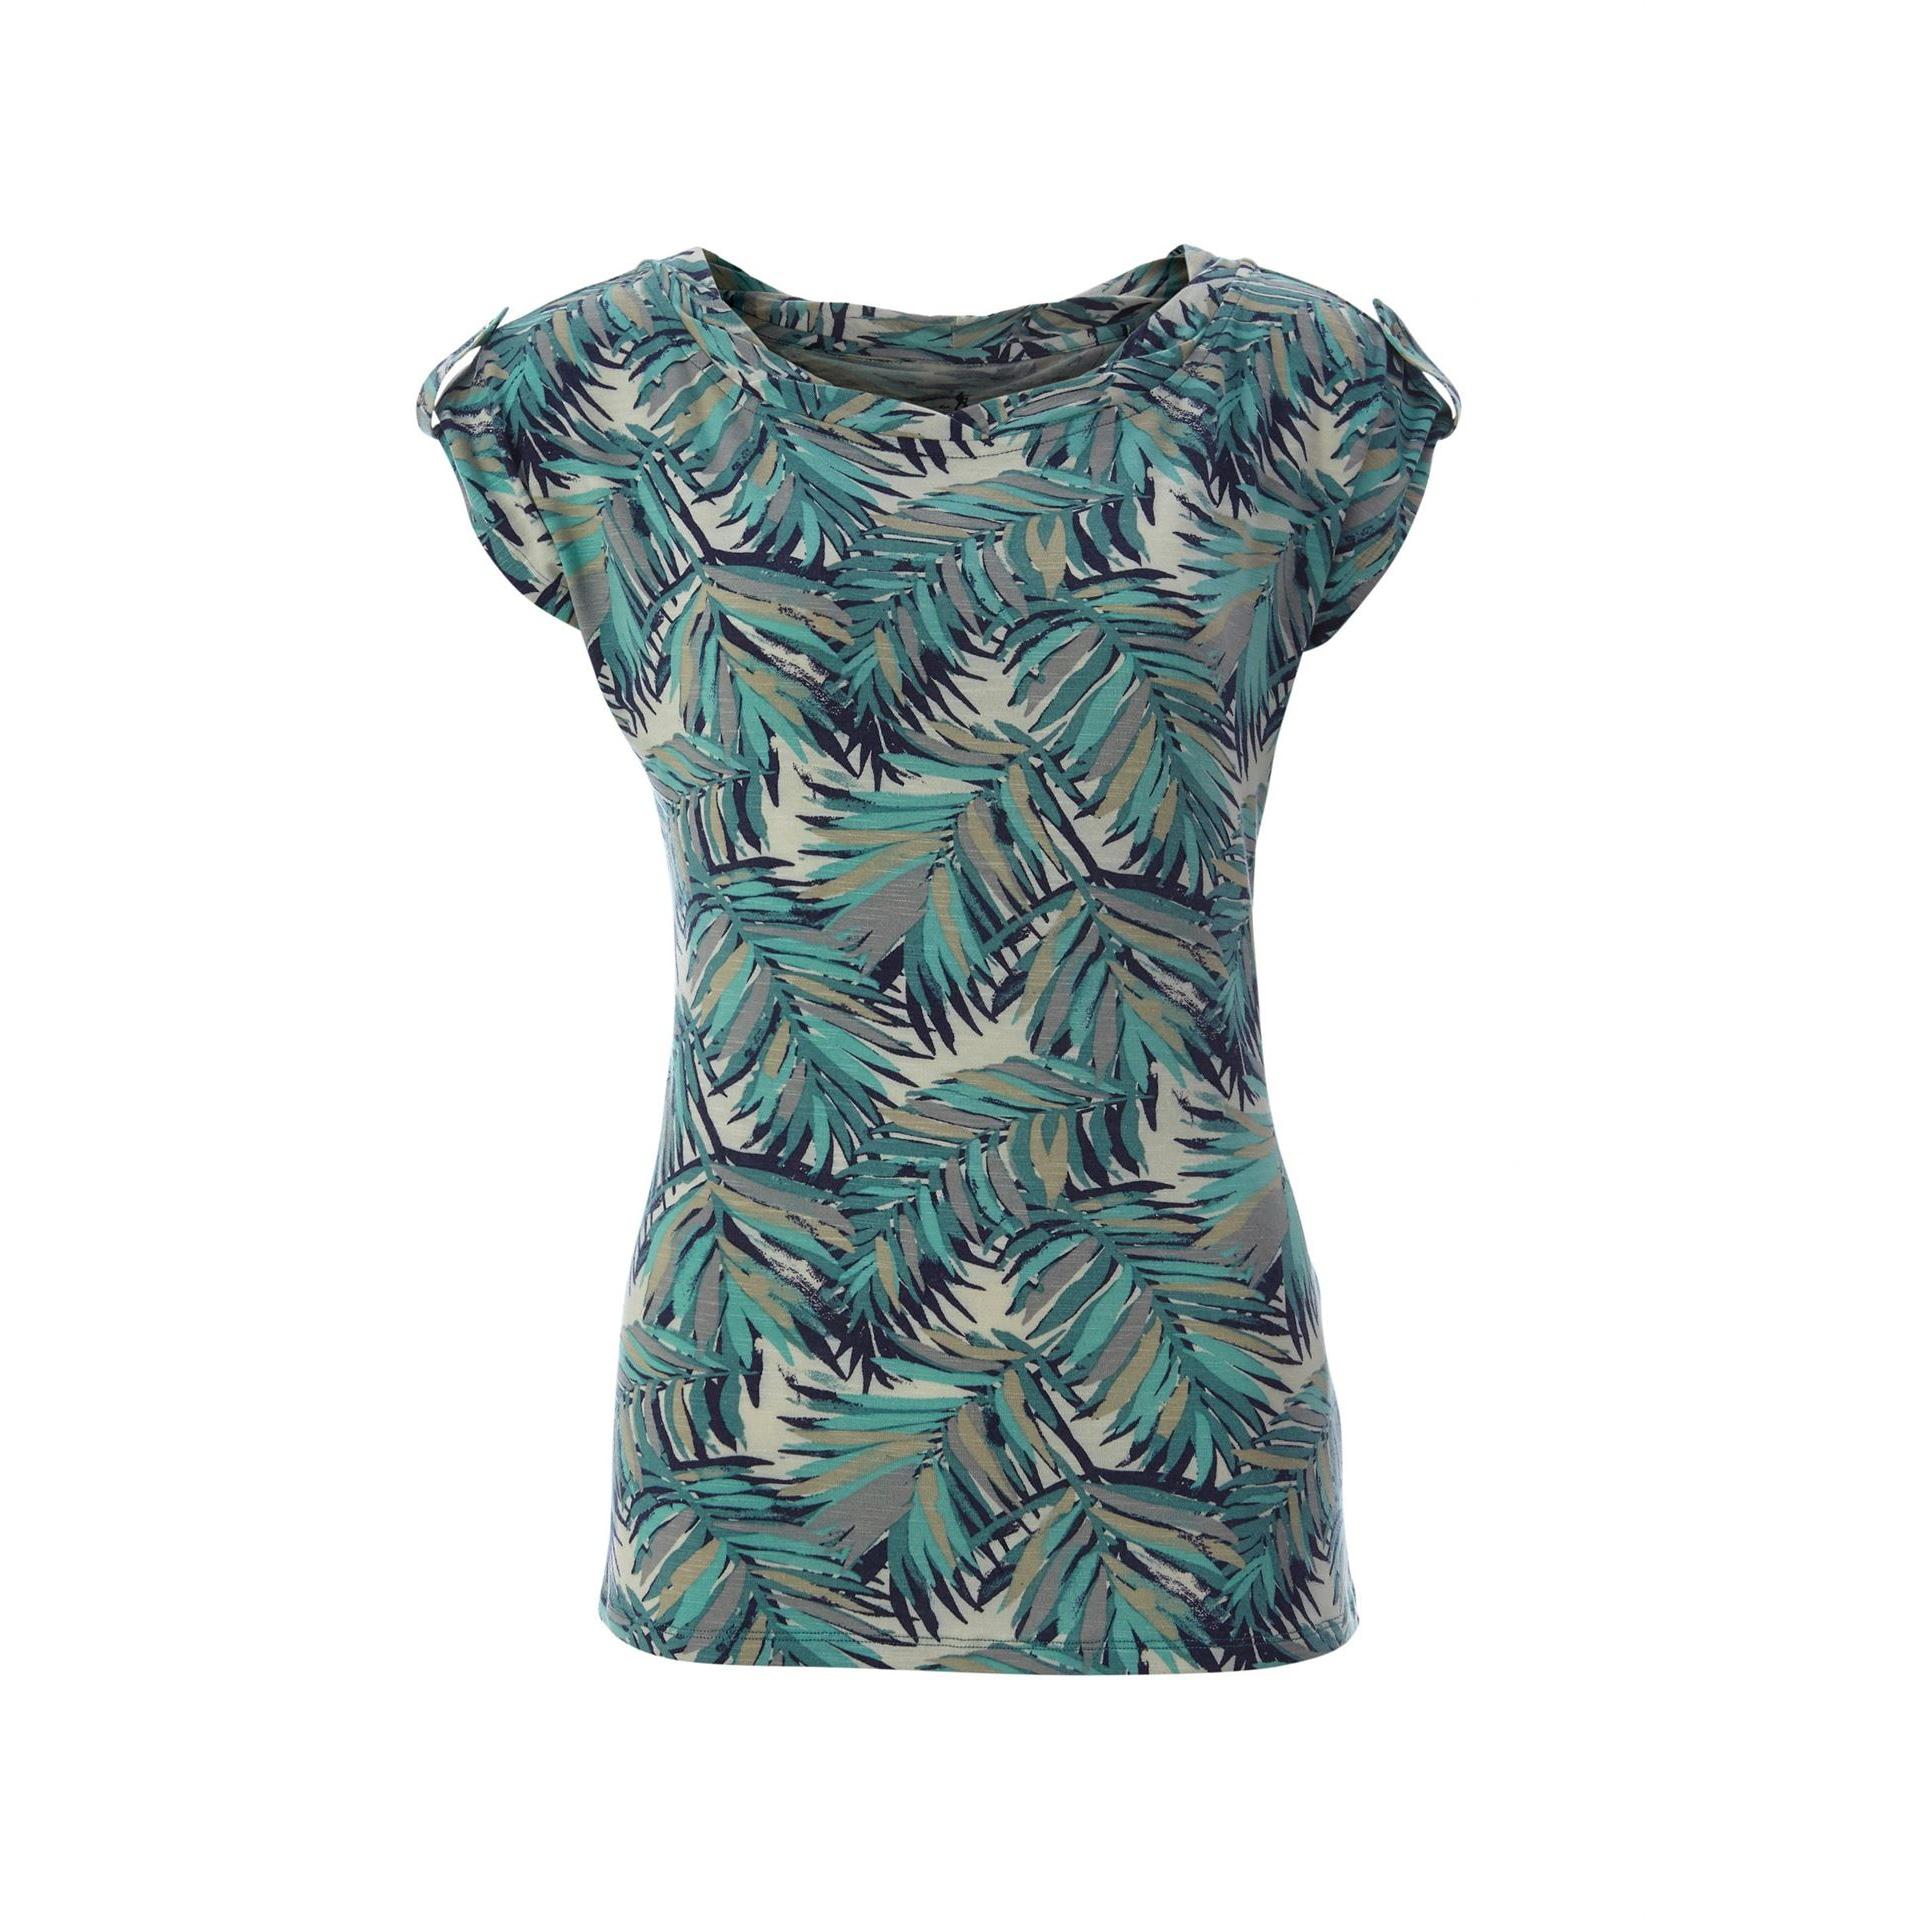 Noe Twist Print Short Sleeve - Women's